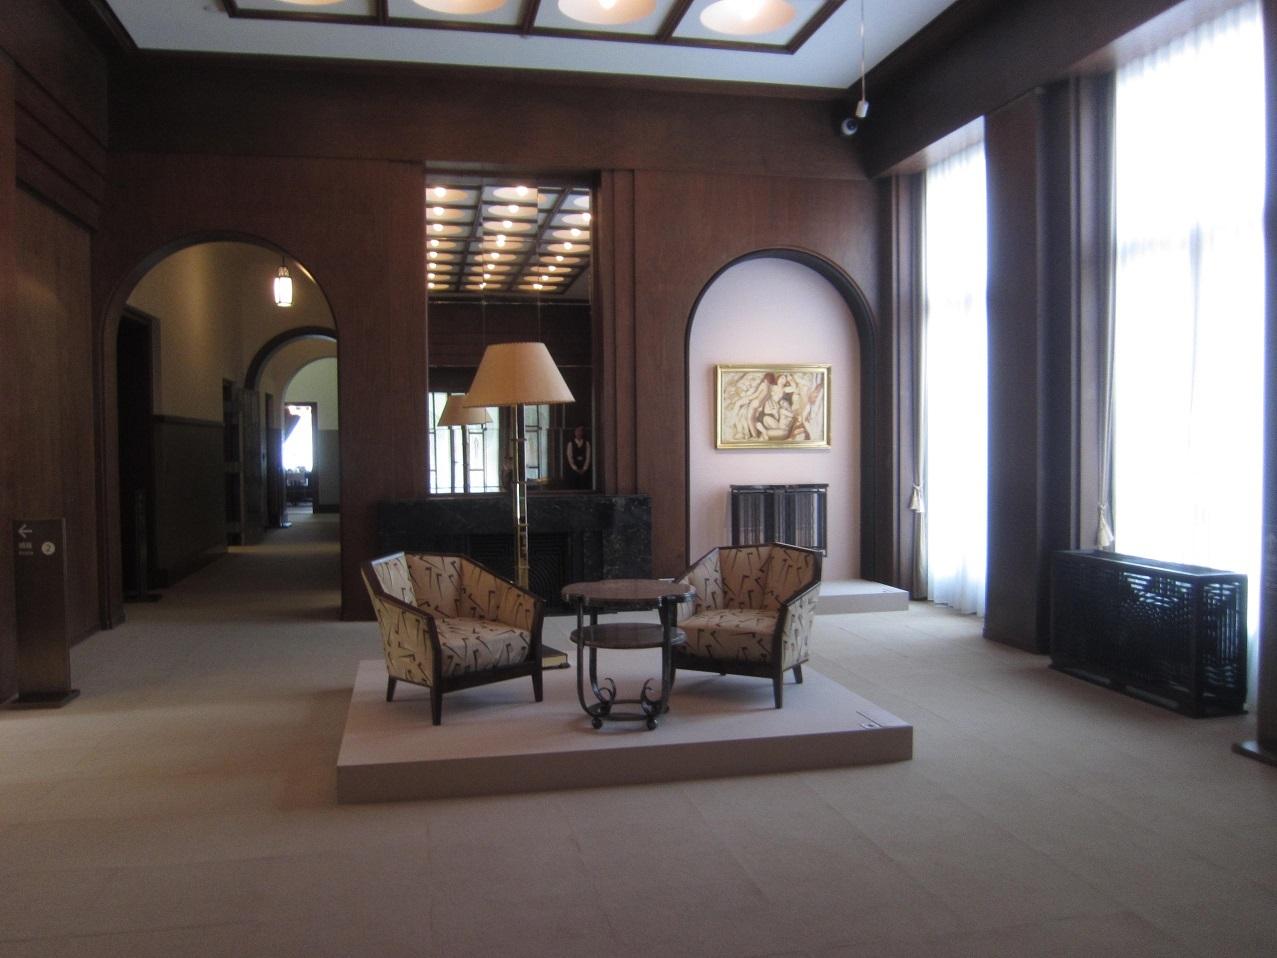 東京都庭園美術館「アール・デコの邸宅美術館」_e0344611_11412400.jpg